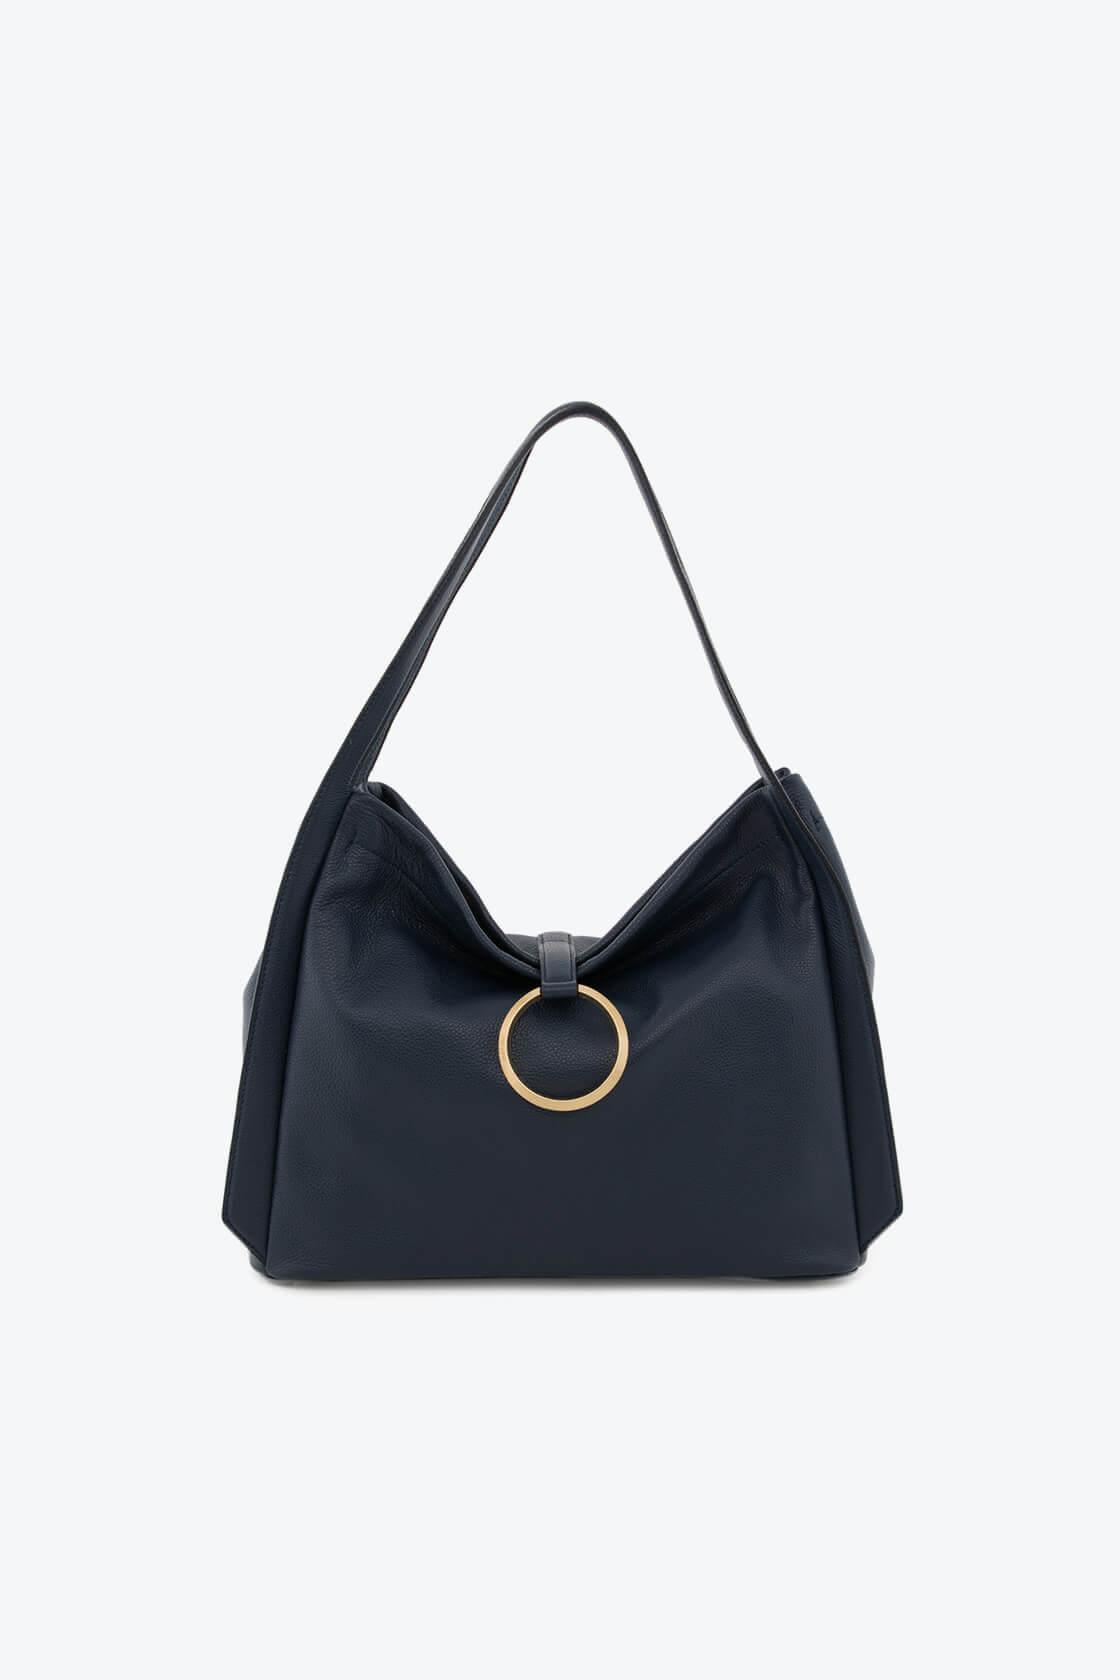 ol80000088 selena large shoulder bag 1